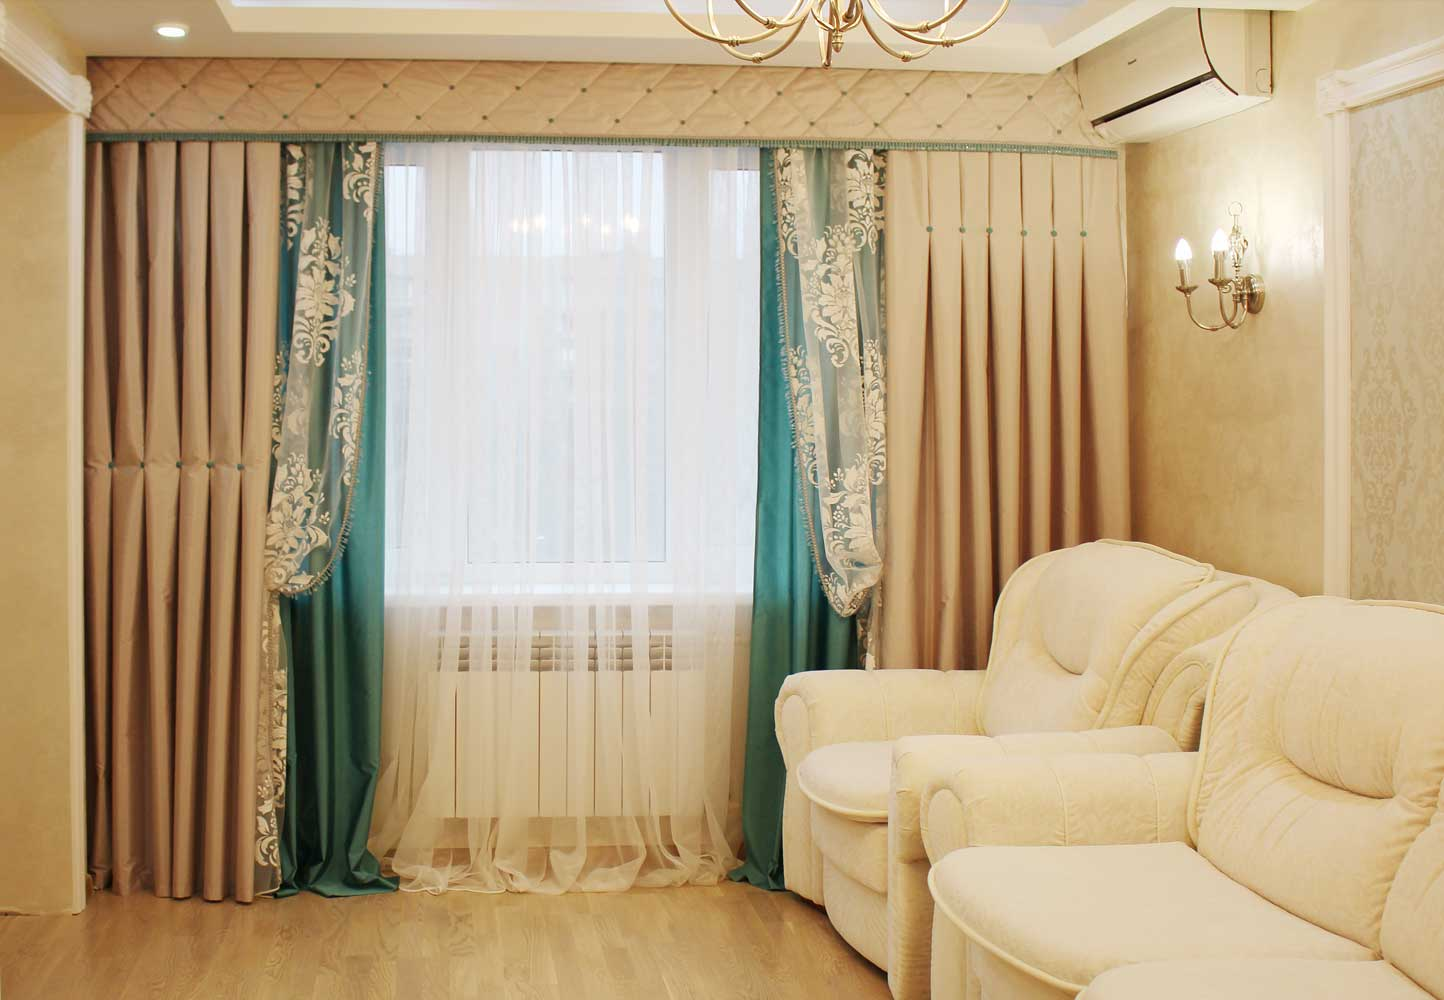 бирюзово-золотые шторы в комнате